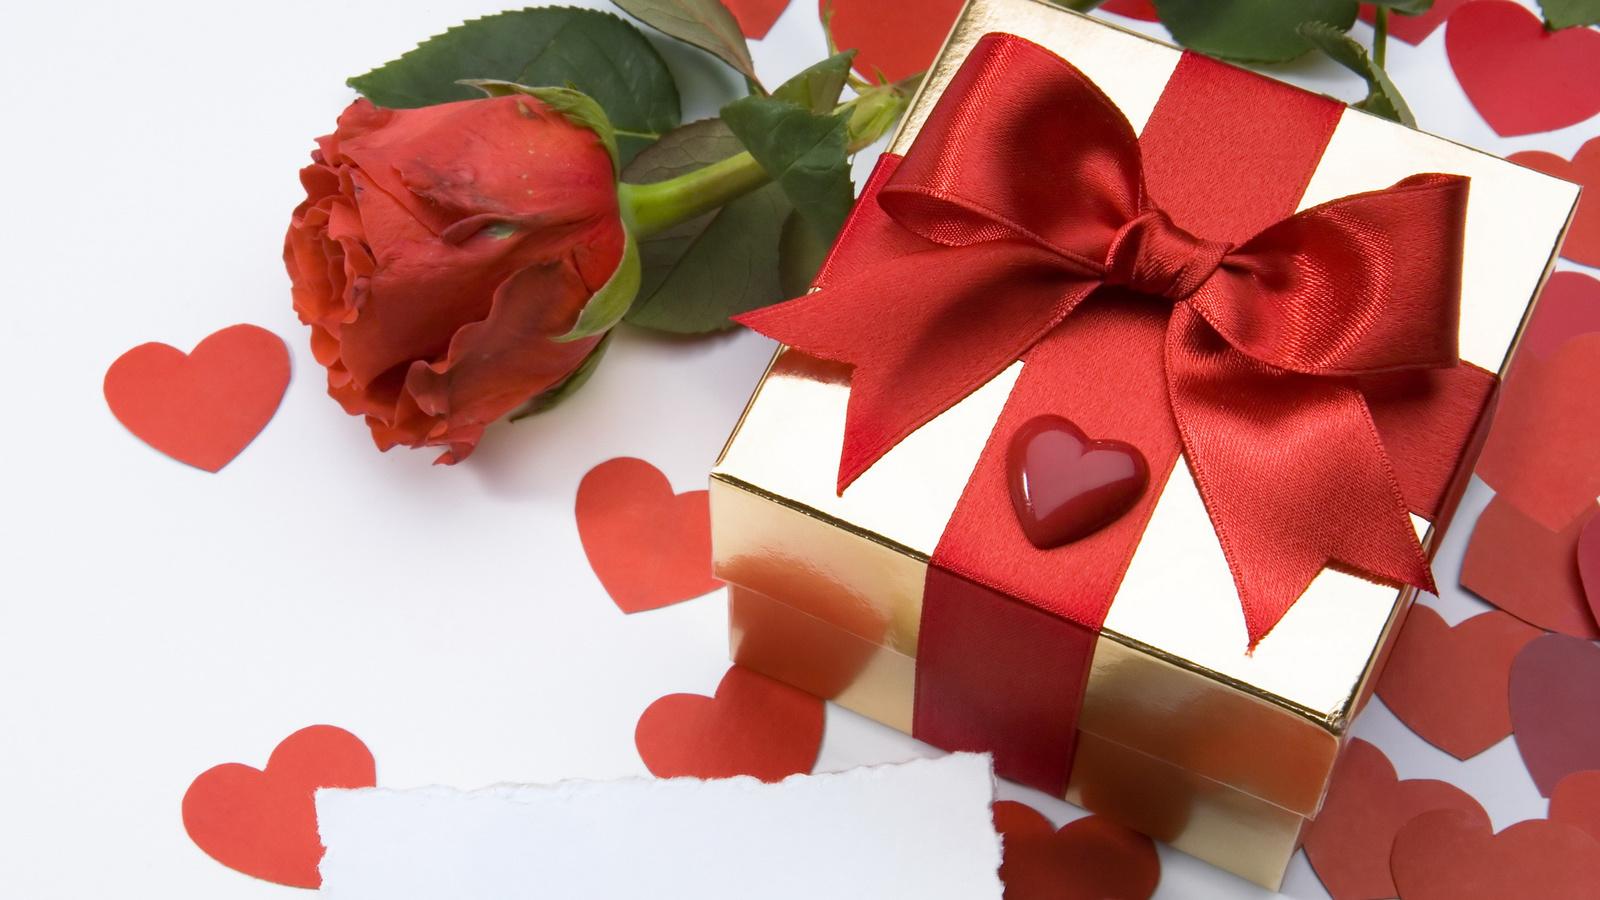 картинки приятные подарки познакомимся